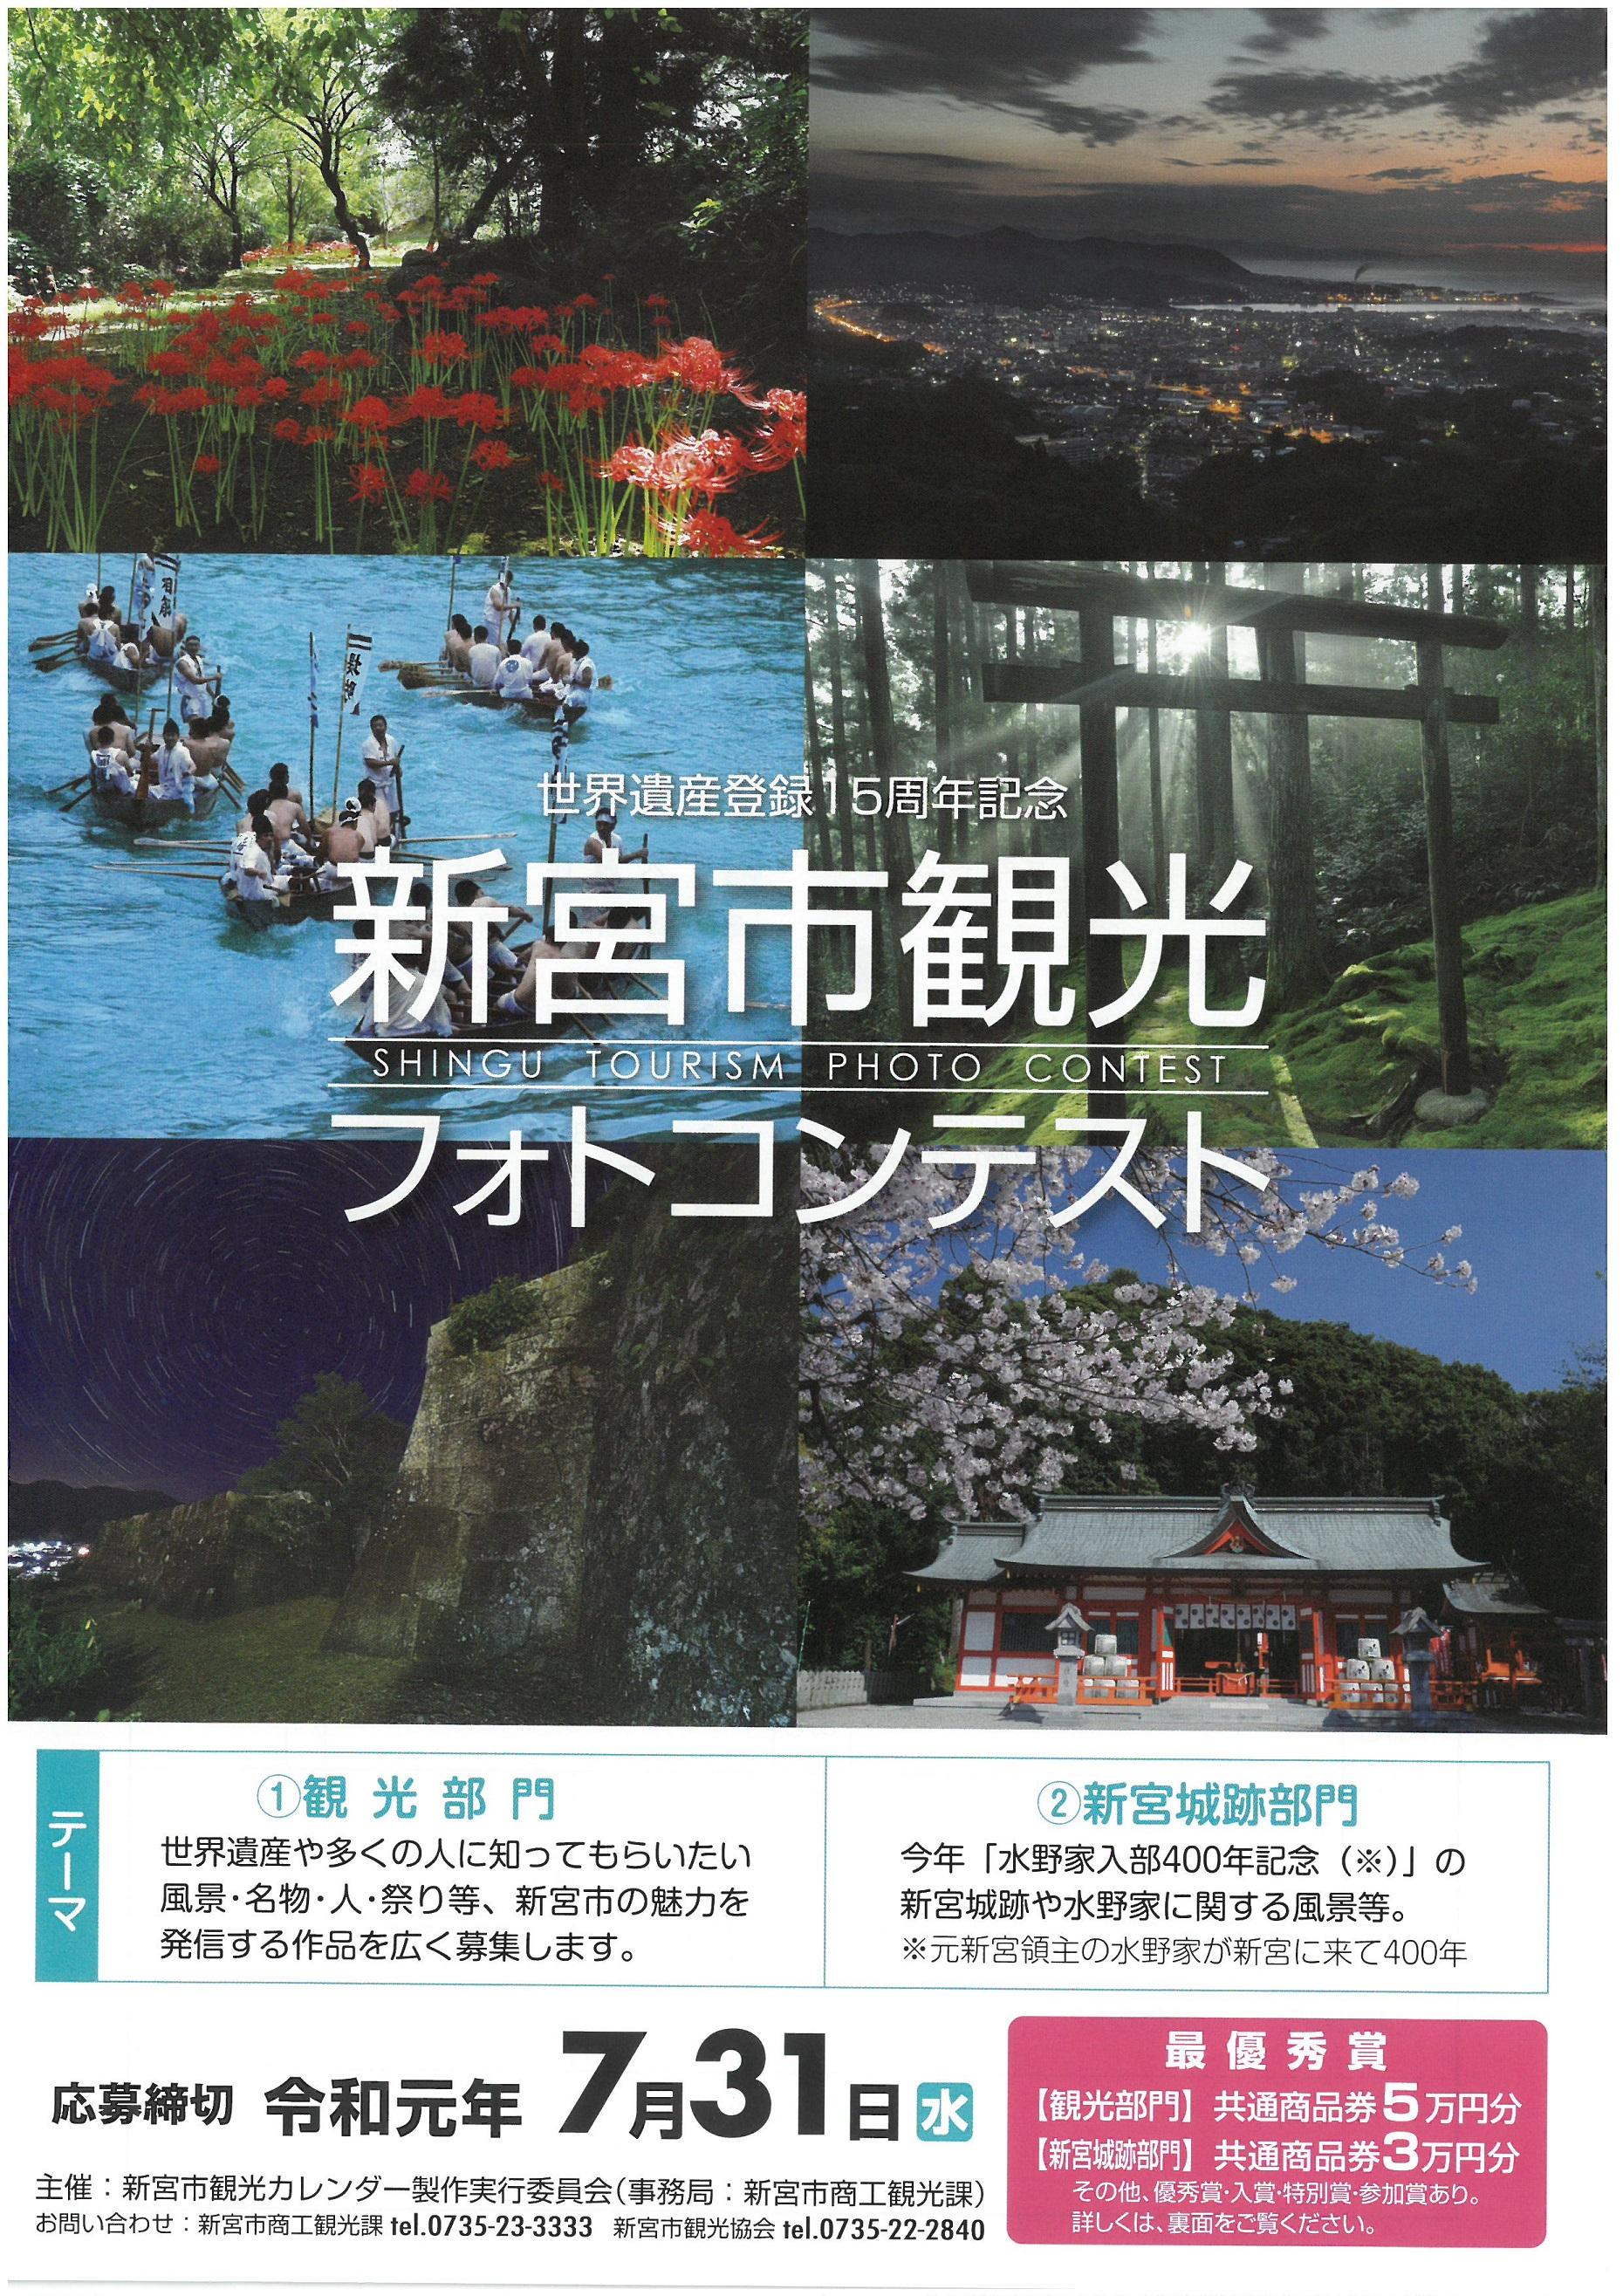 世界遺産登録15周年記念『新宮市観光フォトコンテスト』写真募集!!